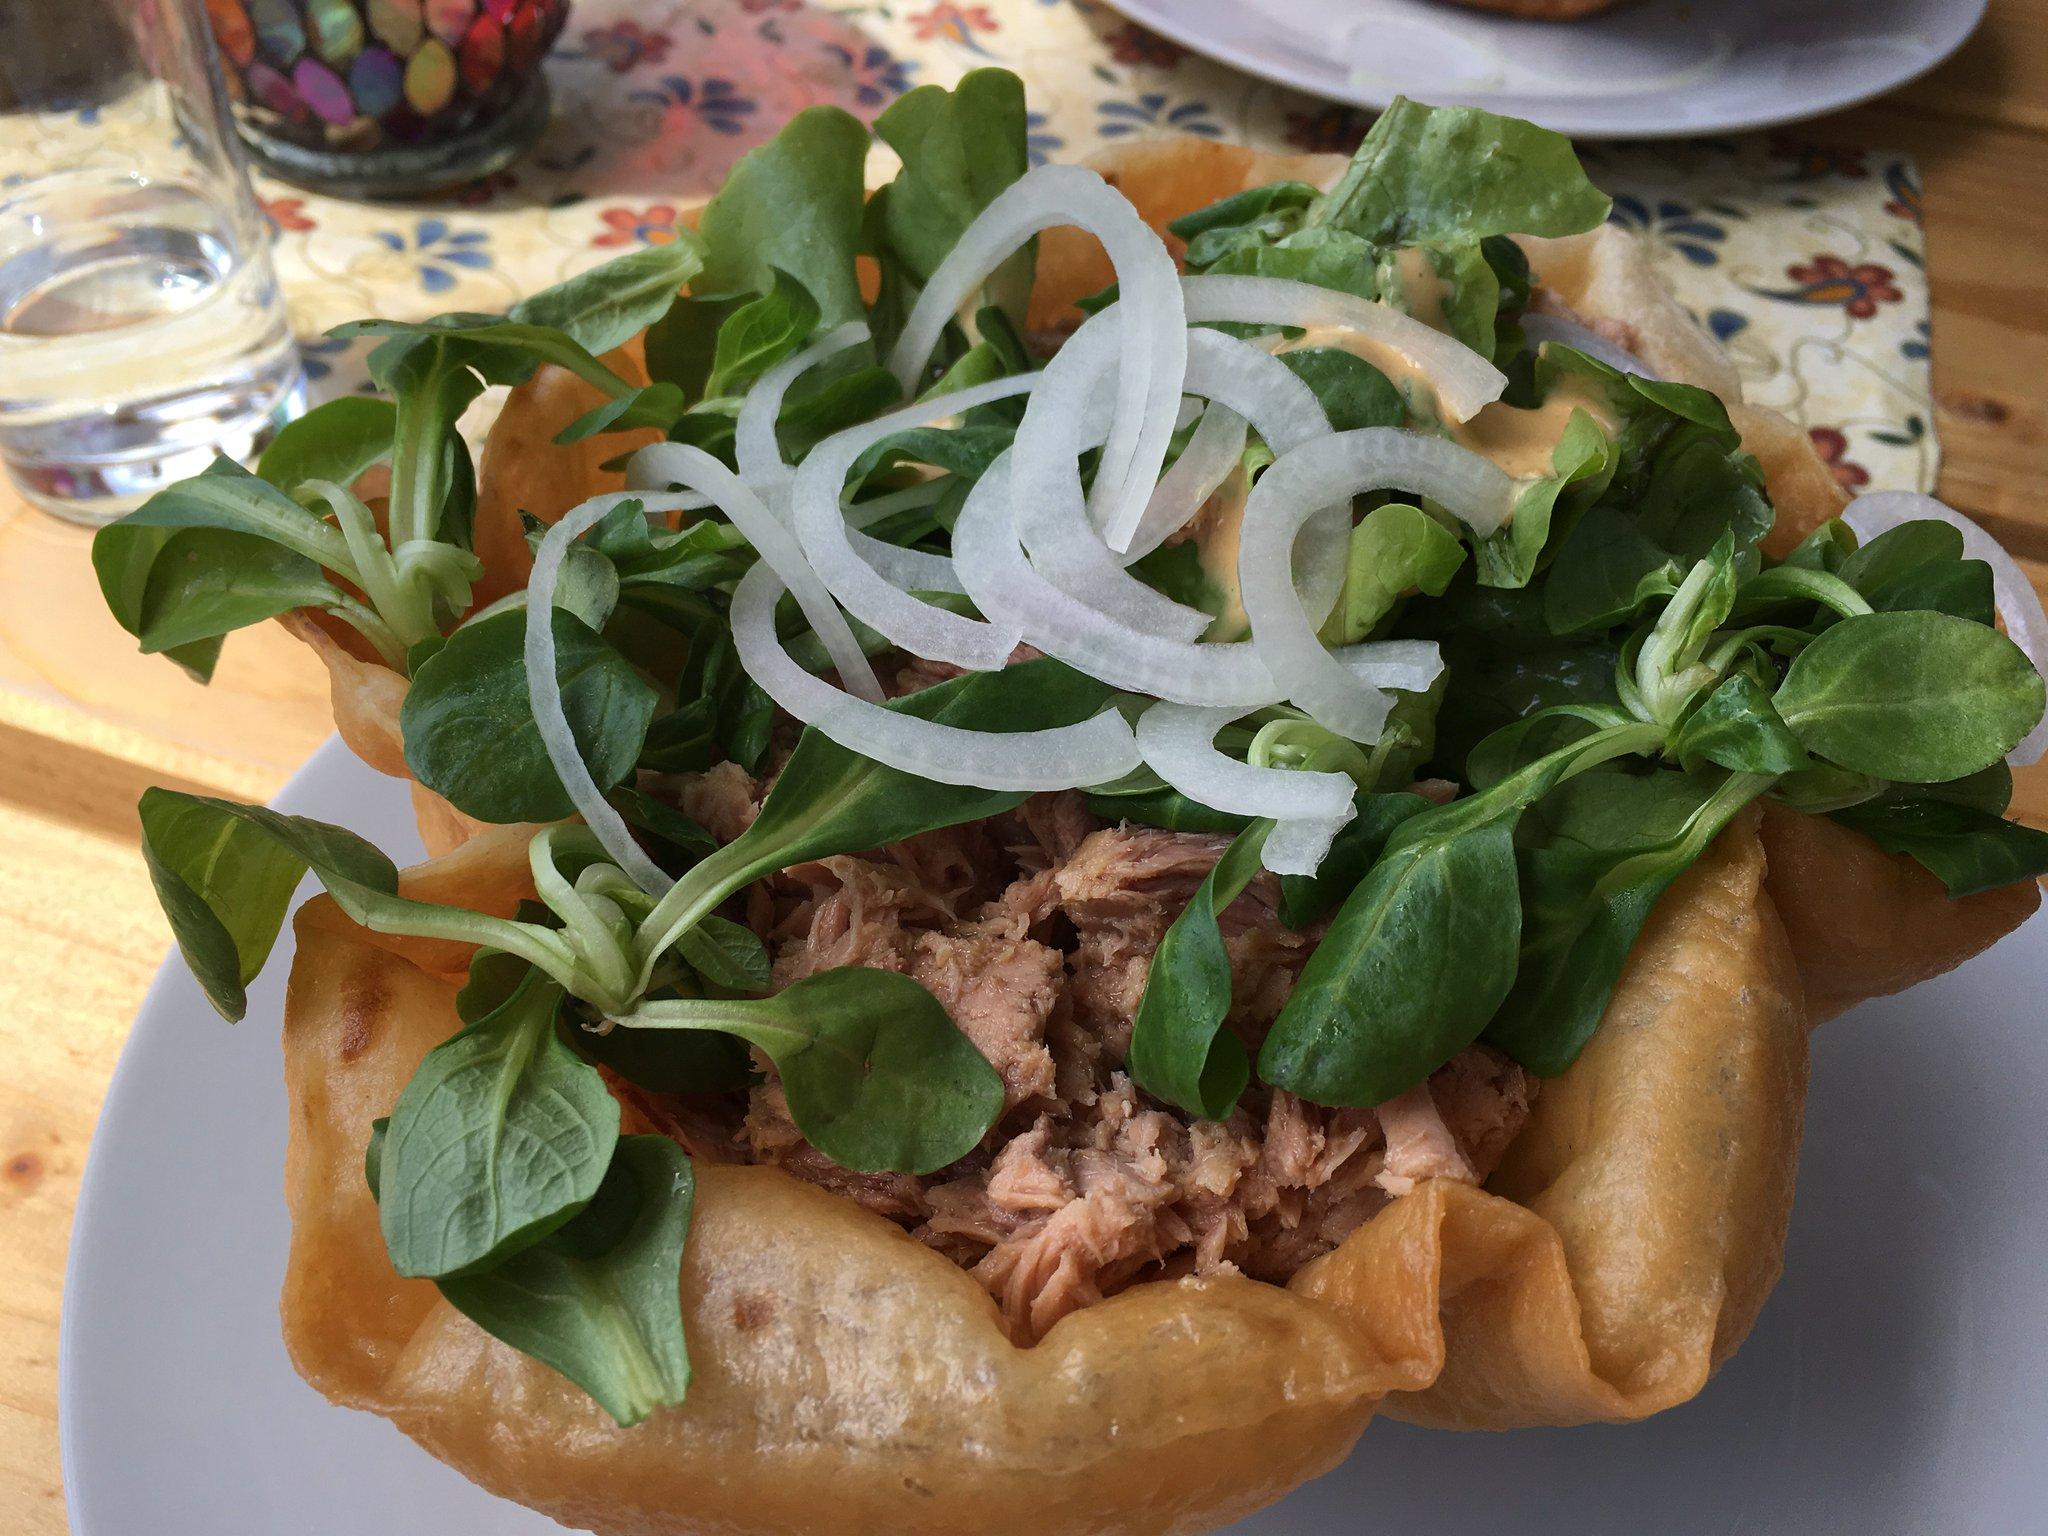 Mittagessen: Thunfischsalat in der essbaren Schüssel #meurers #TannheimerTal https://t.co/A09h0AOUWC